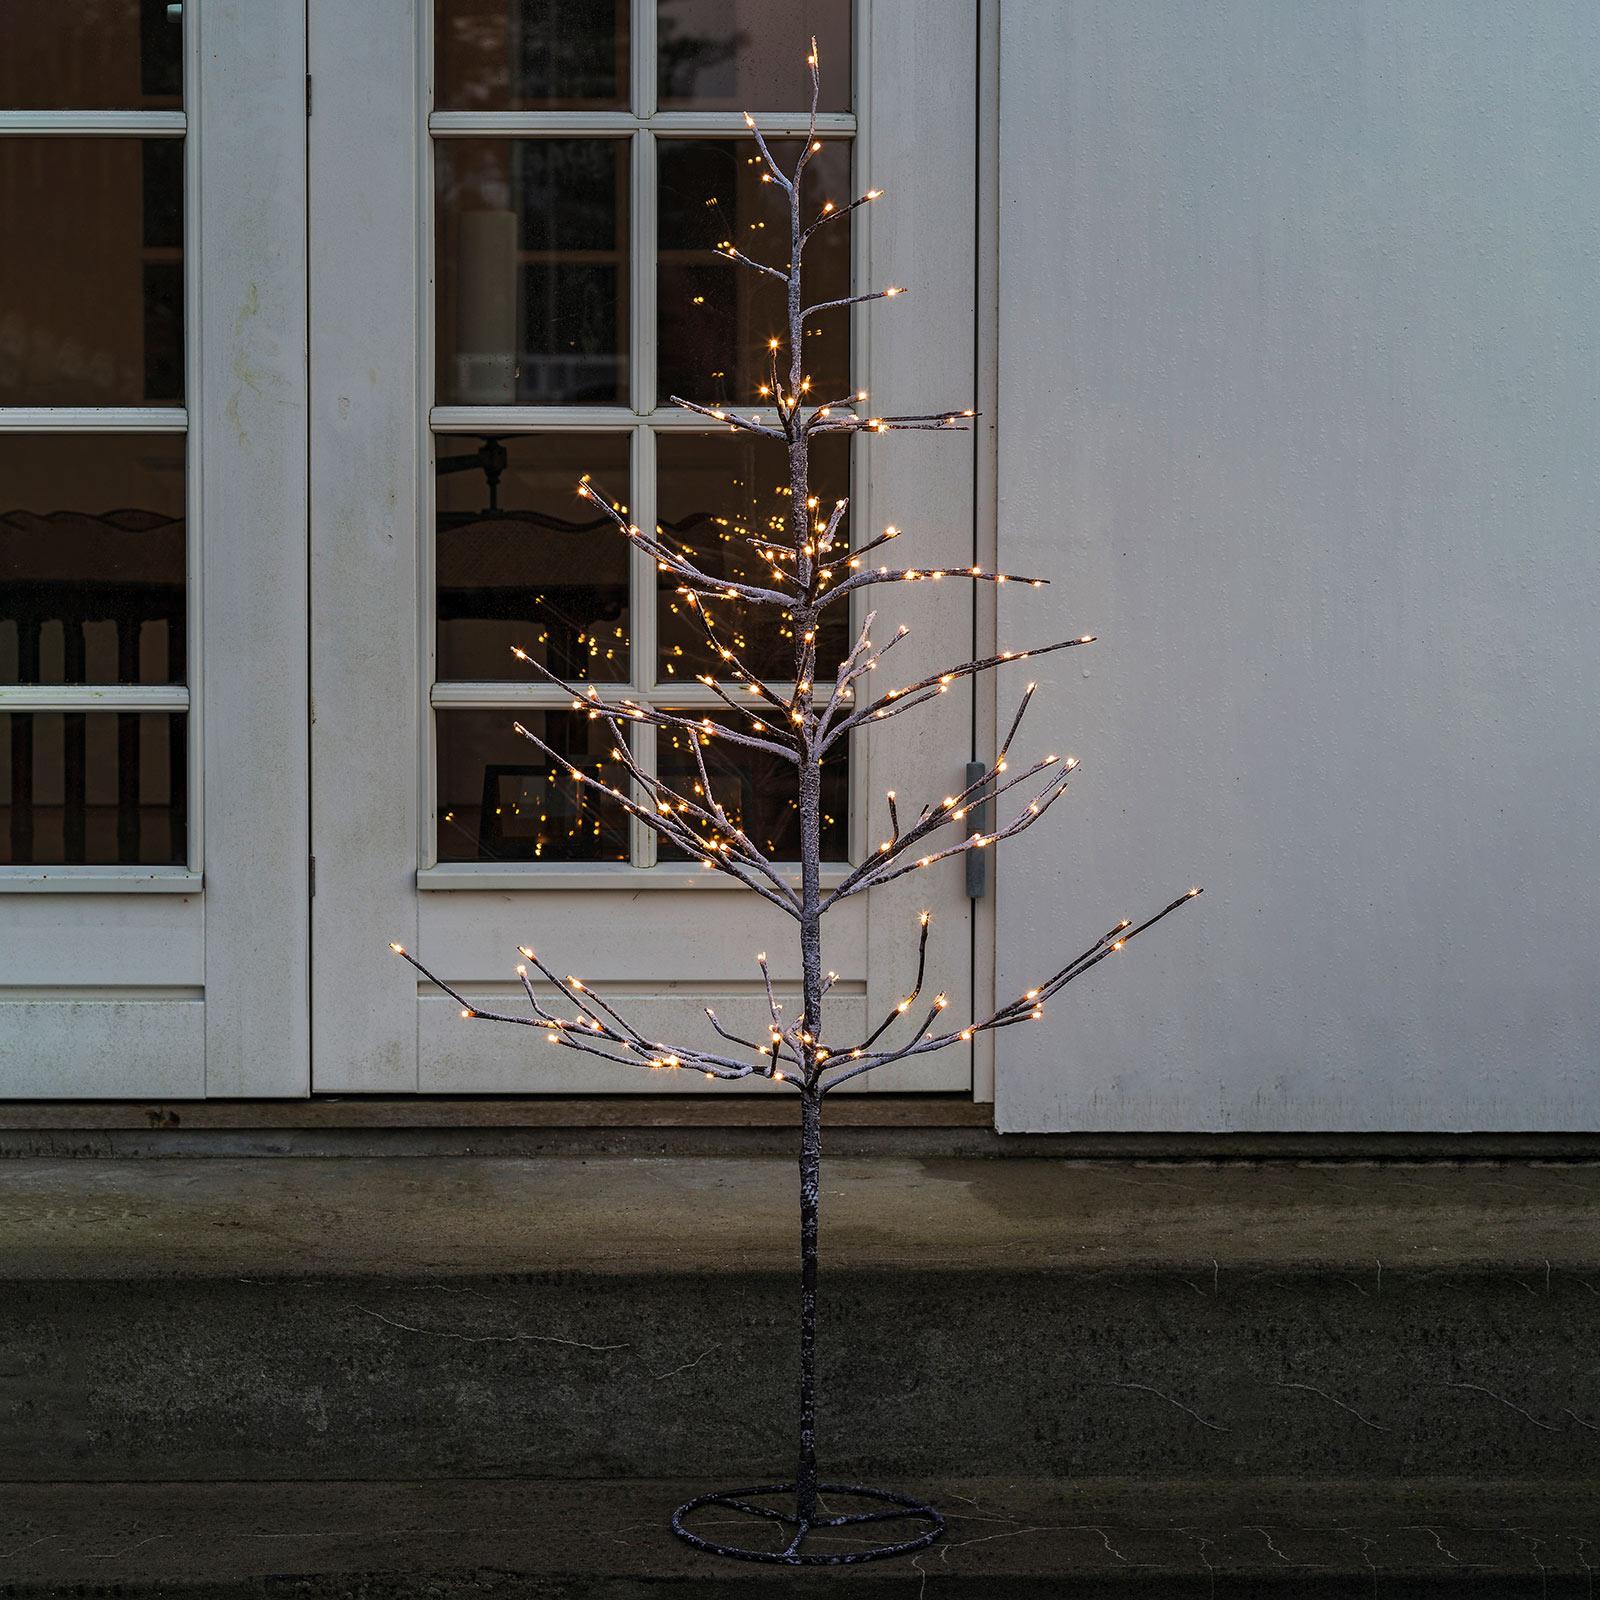 Drzewko LED Alex ośnieżone, wysokość 90 cm